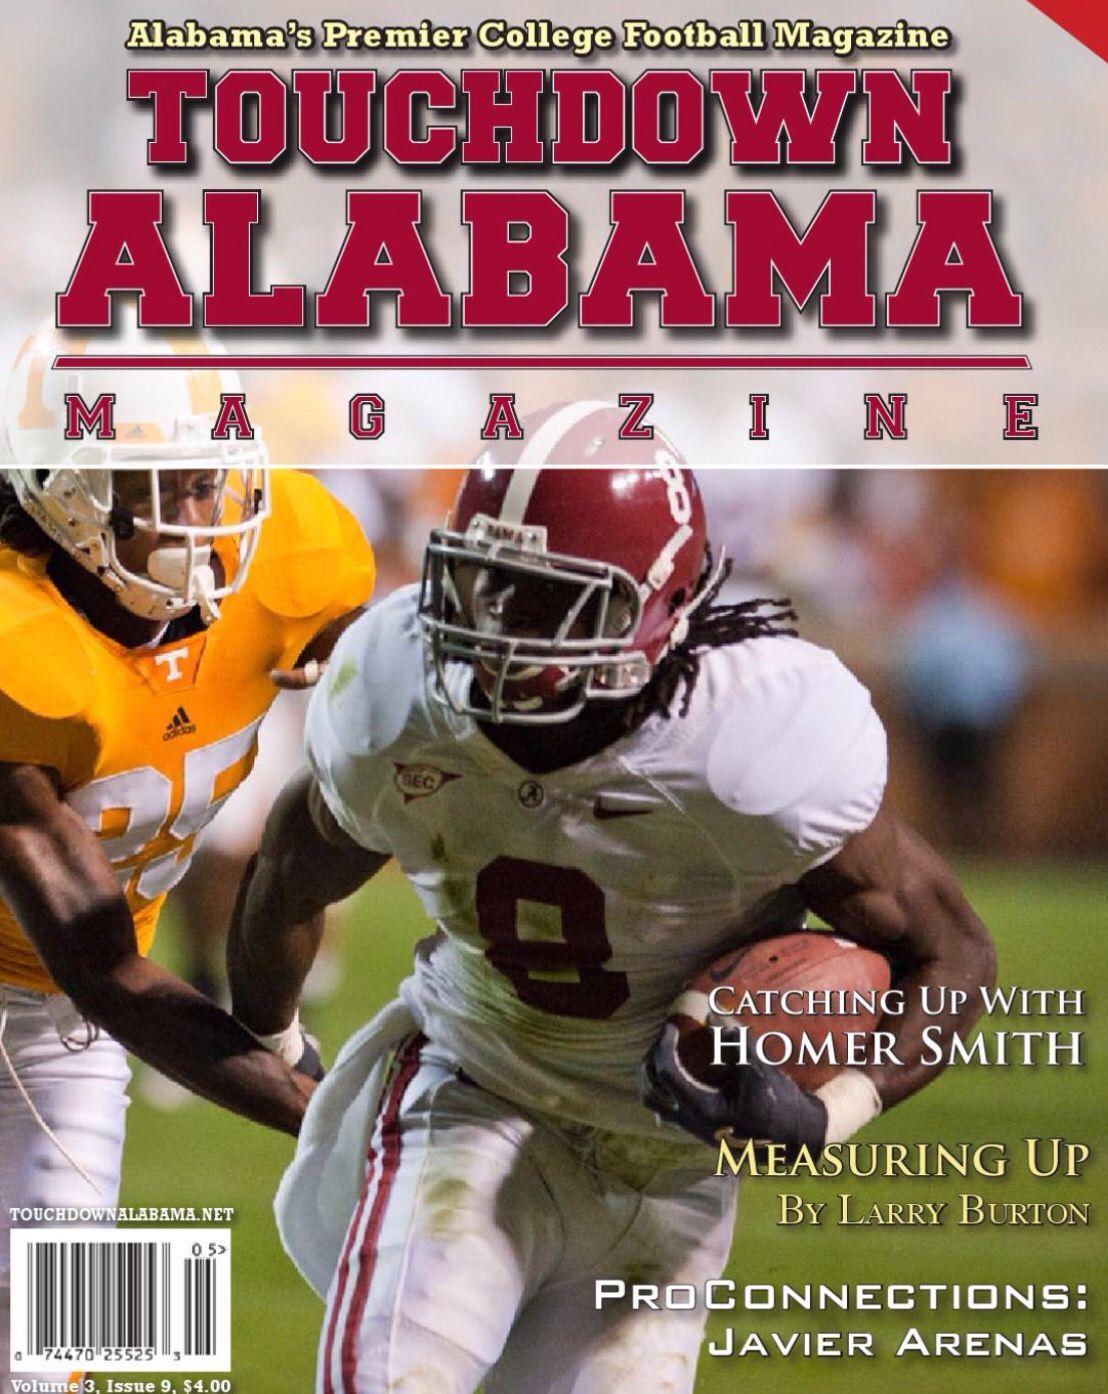 Julio Jones Cover Nov 6 2010 Touchdown Alabama Magazine Cover Alabama Rolltide Builtbybama Bama Bamanation Crims Alabama Crimson Tide Alabama Roll Tide